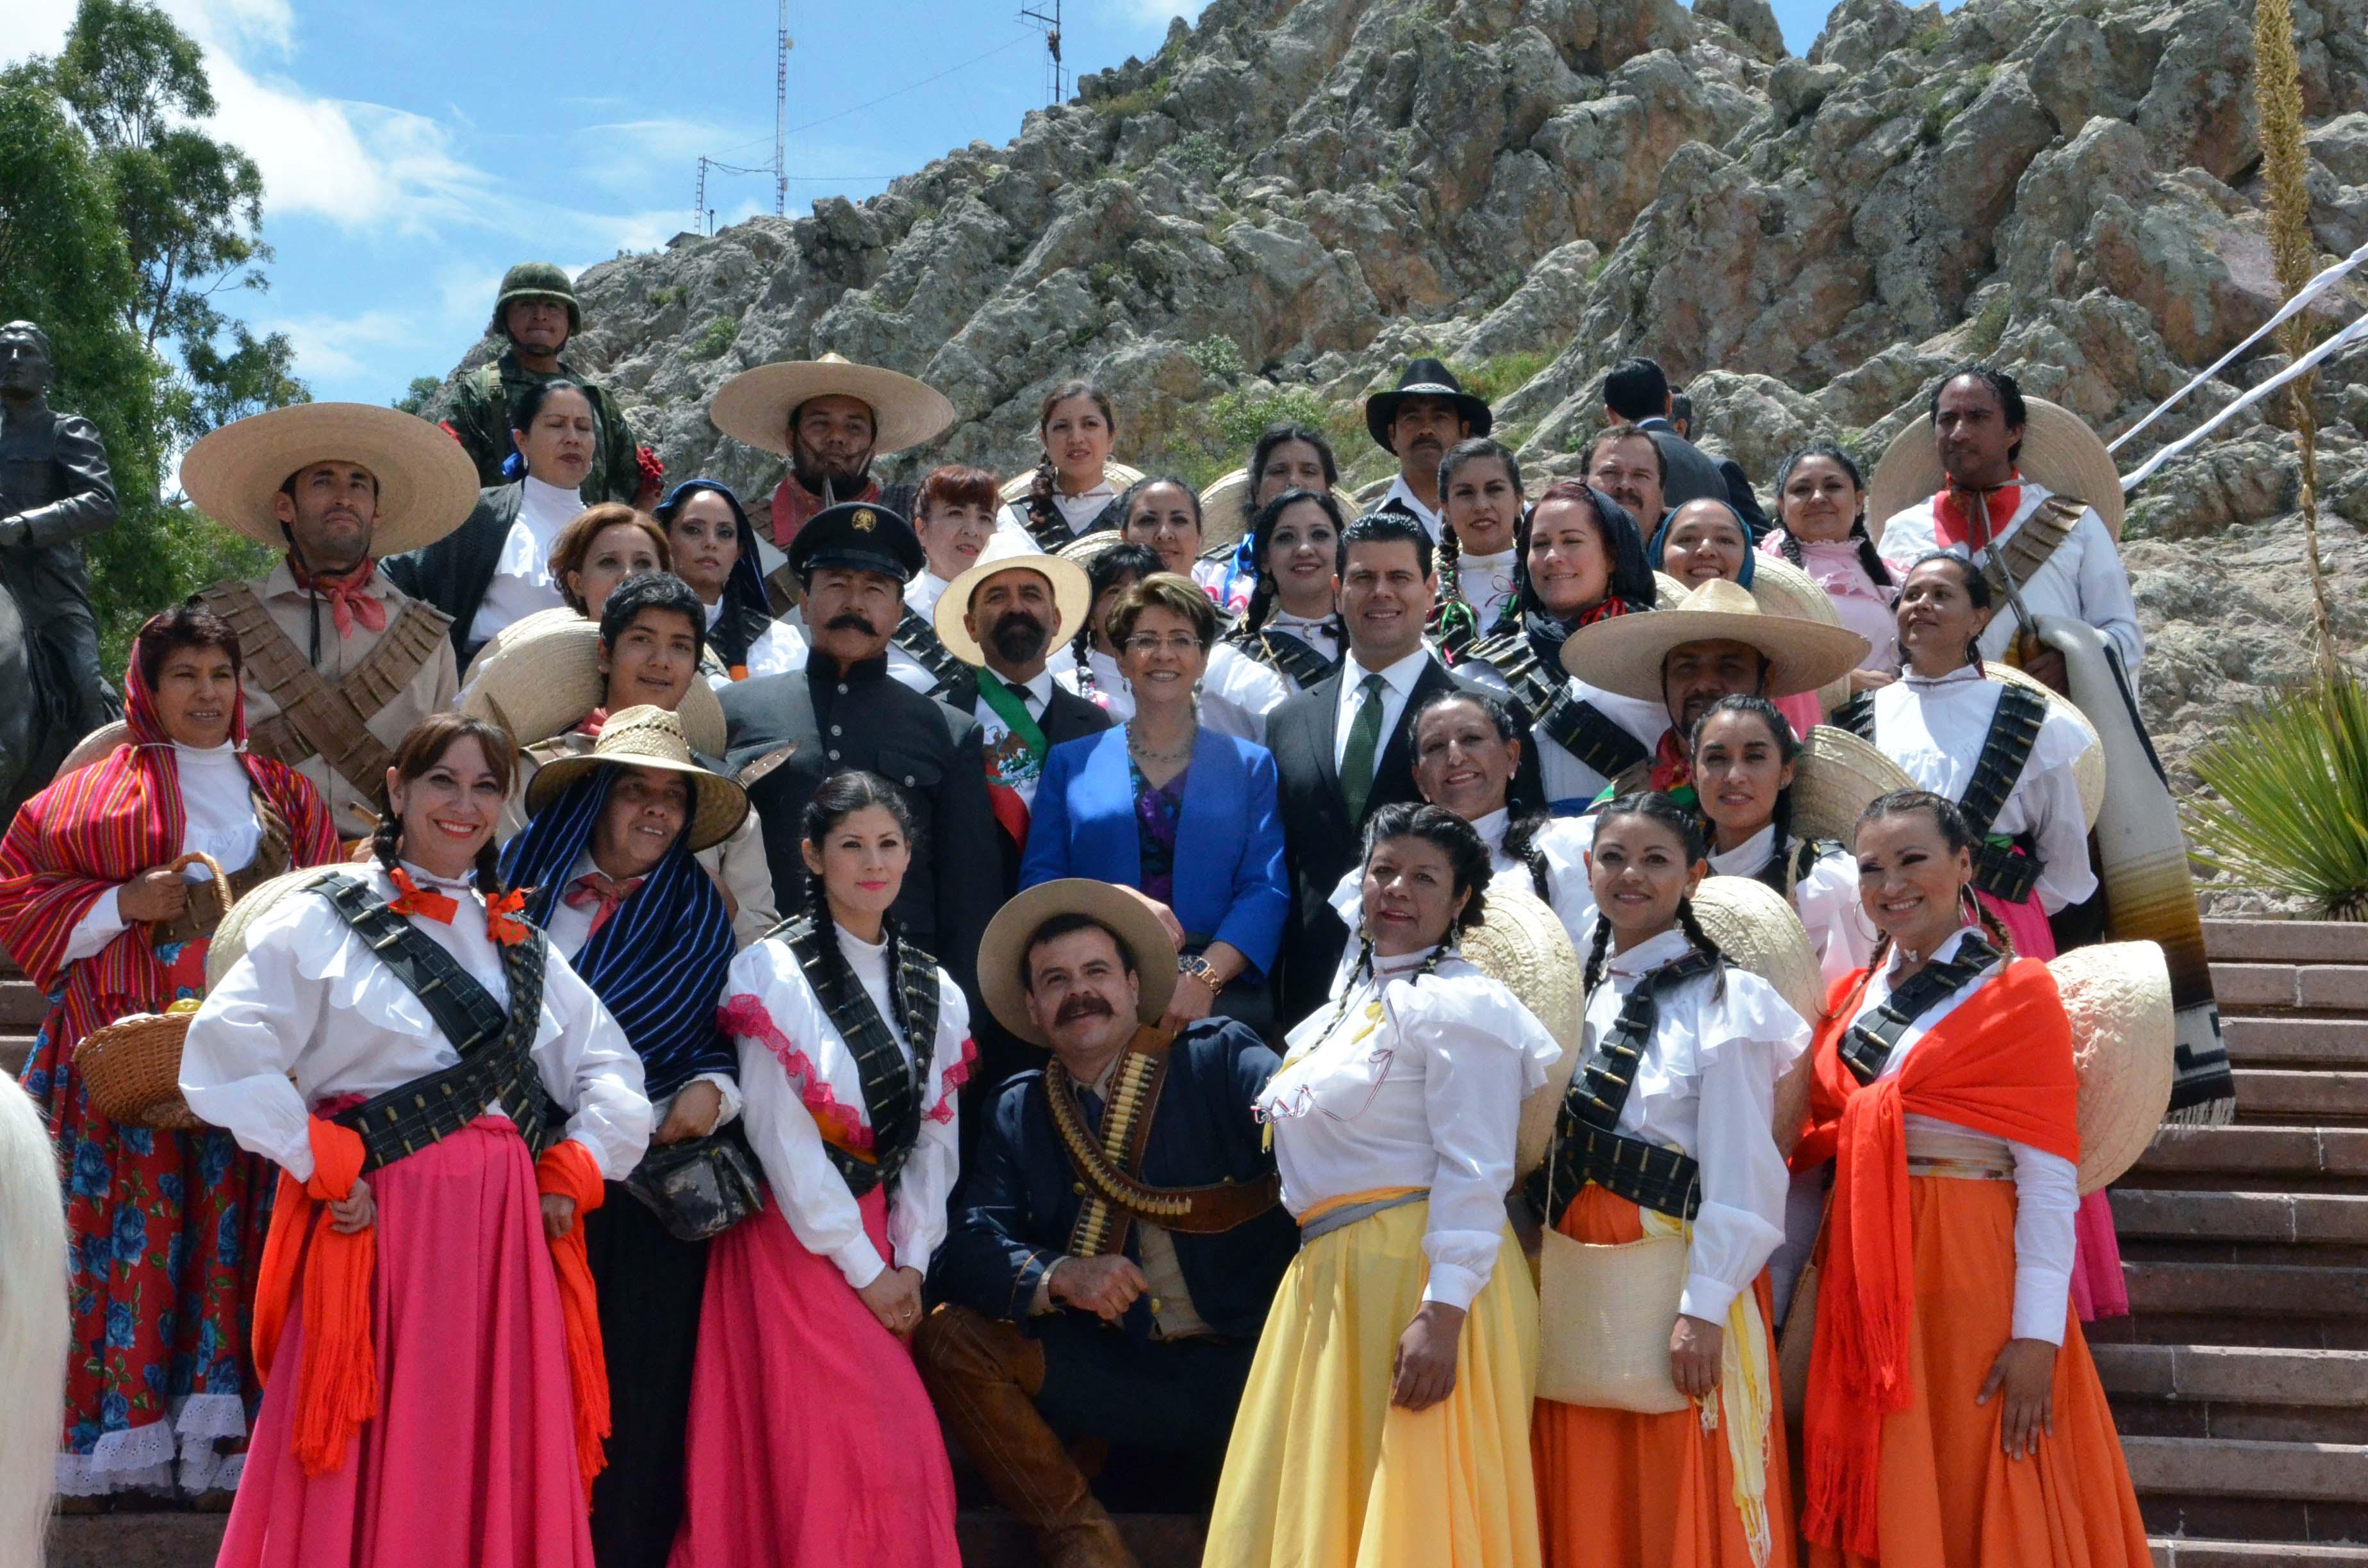 230615 101 de la Toma de Zacatecas 04jpg